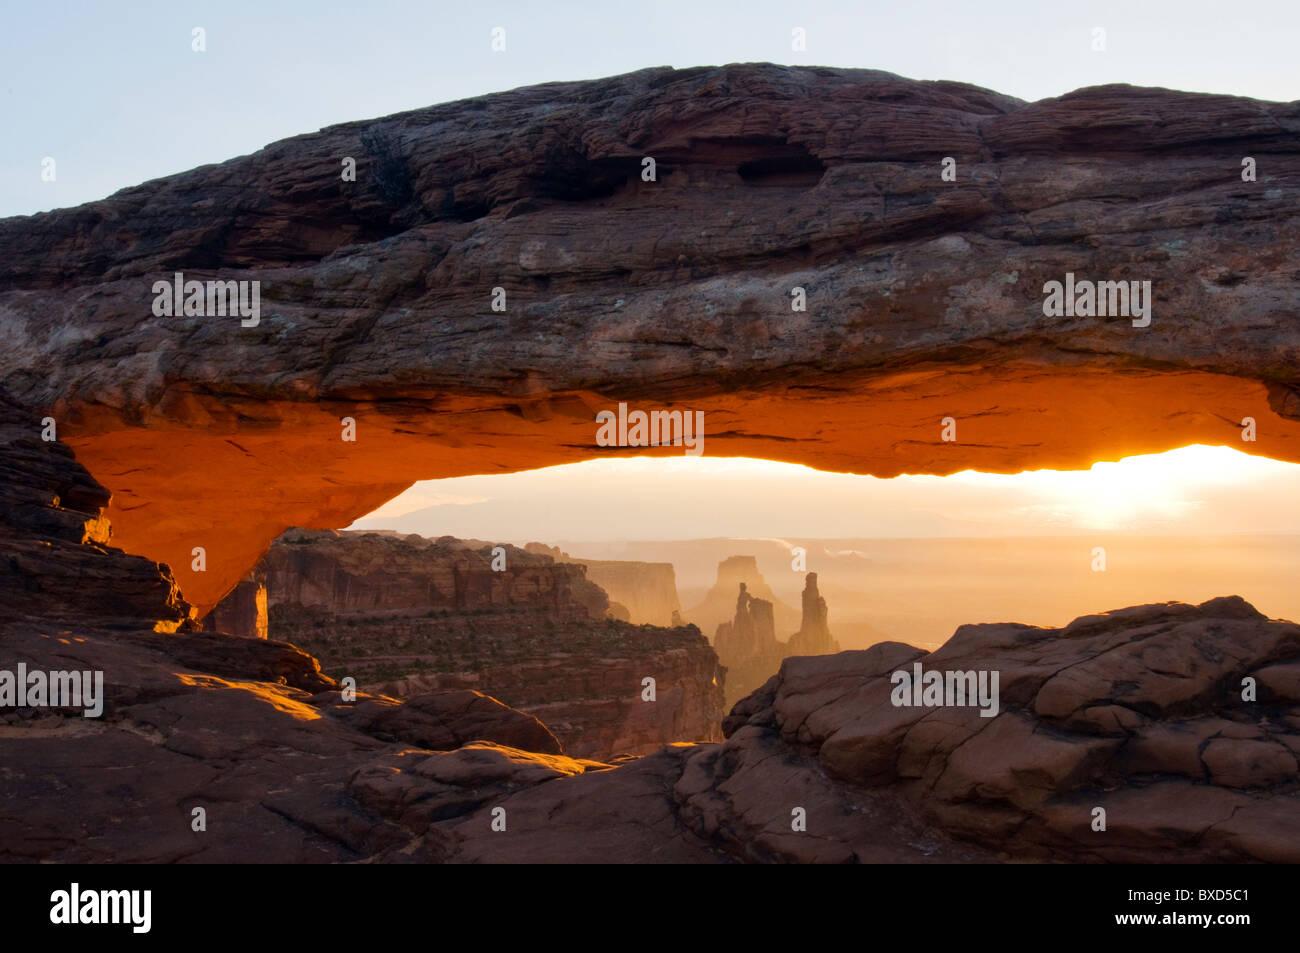 Amanecer en el Mesa Arch en el Parque Nacional Canyonlands, en Utah. Imagen De Stock